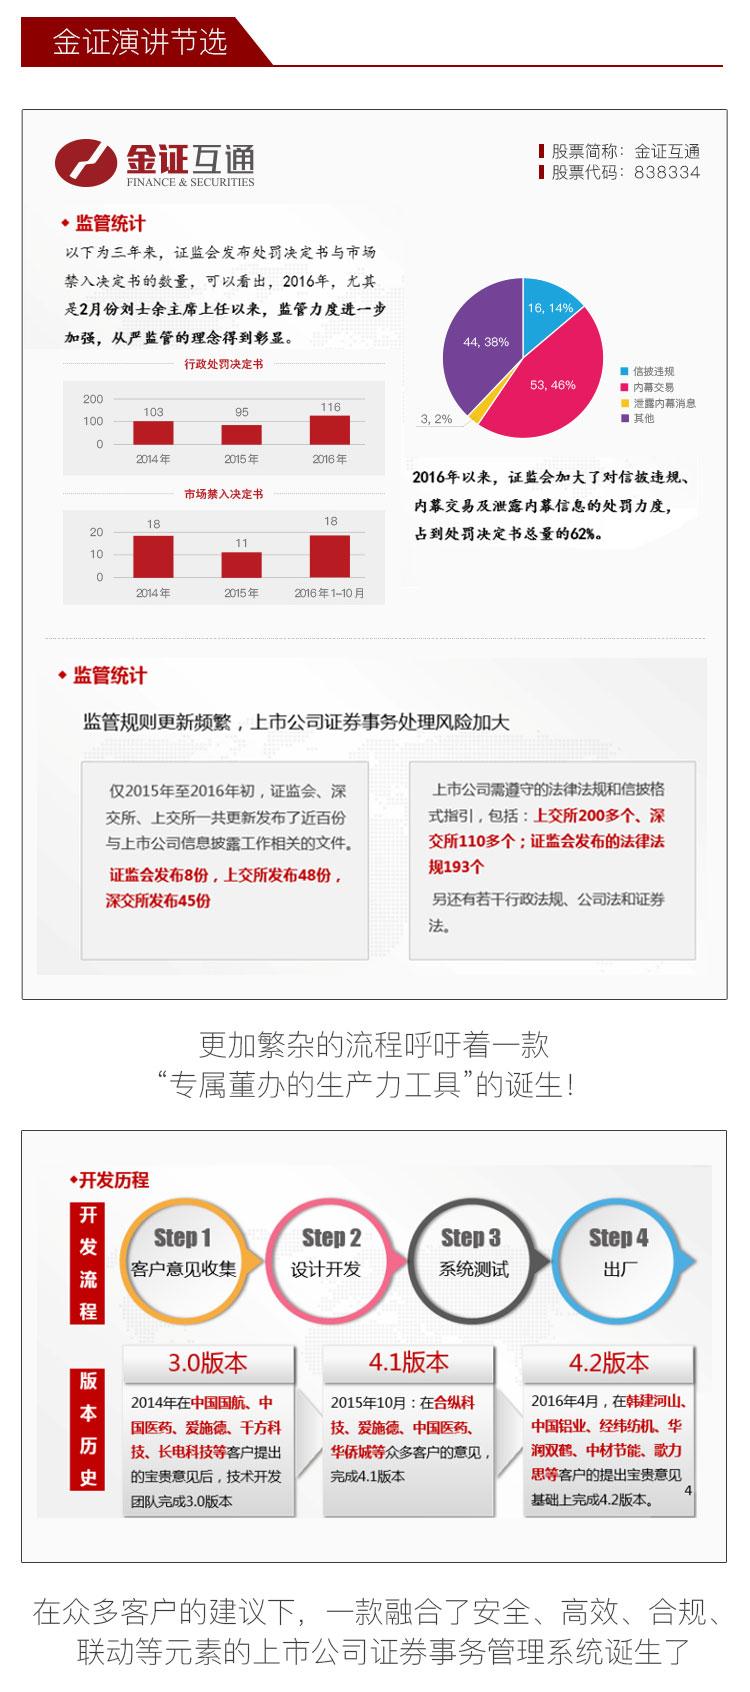 2016年秋季中国宏观经济形势暨资本市场发展报告会_12.jpg